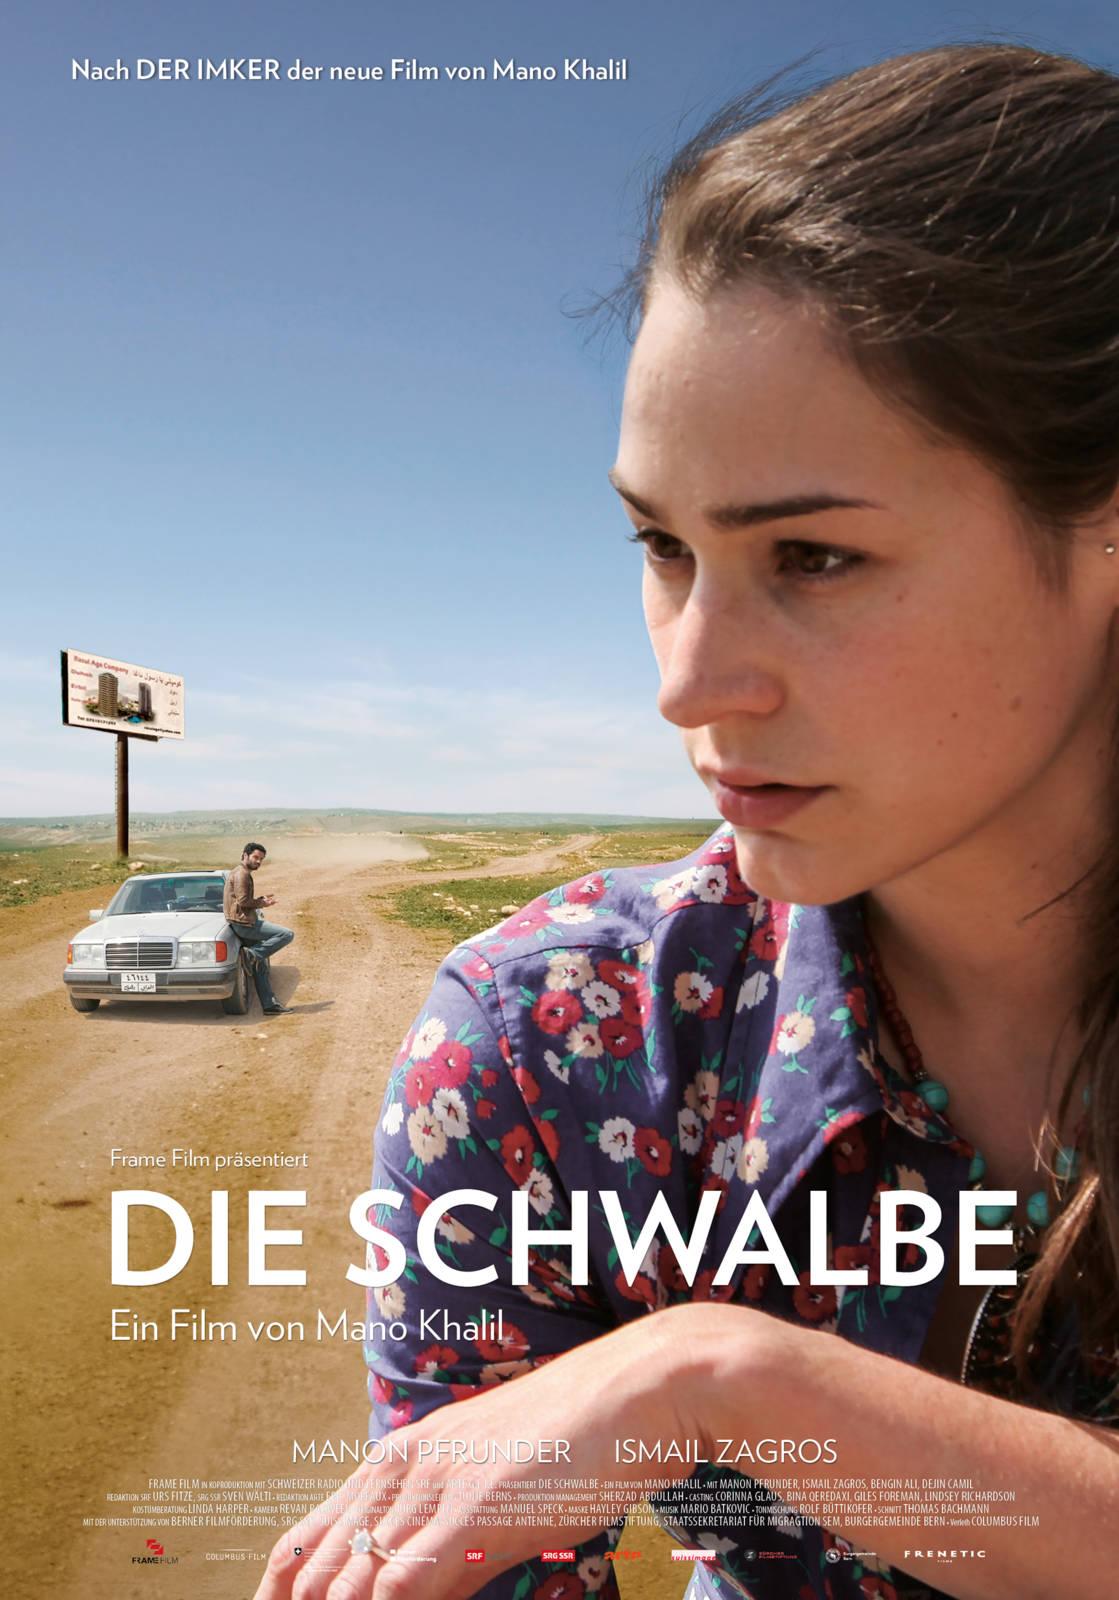 Die Schwalbe Film